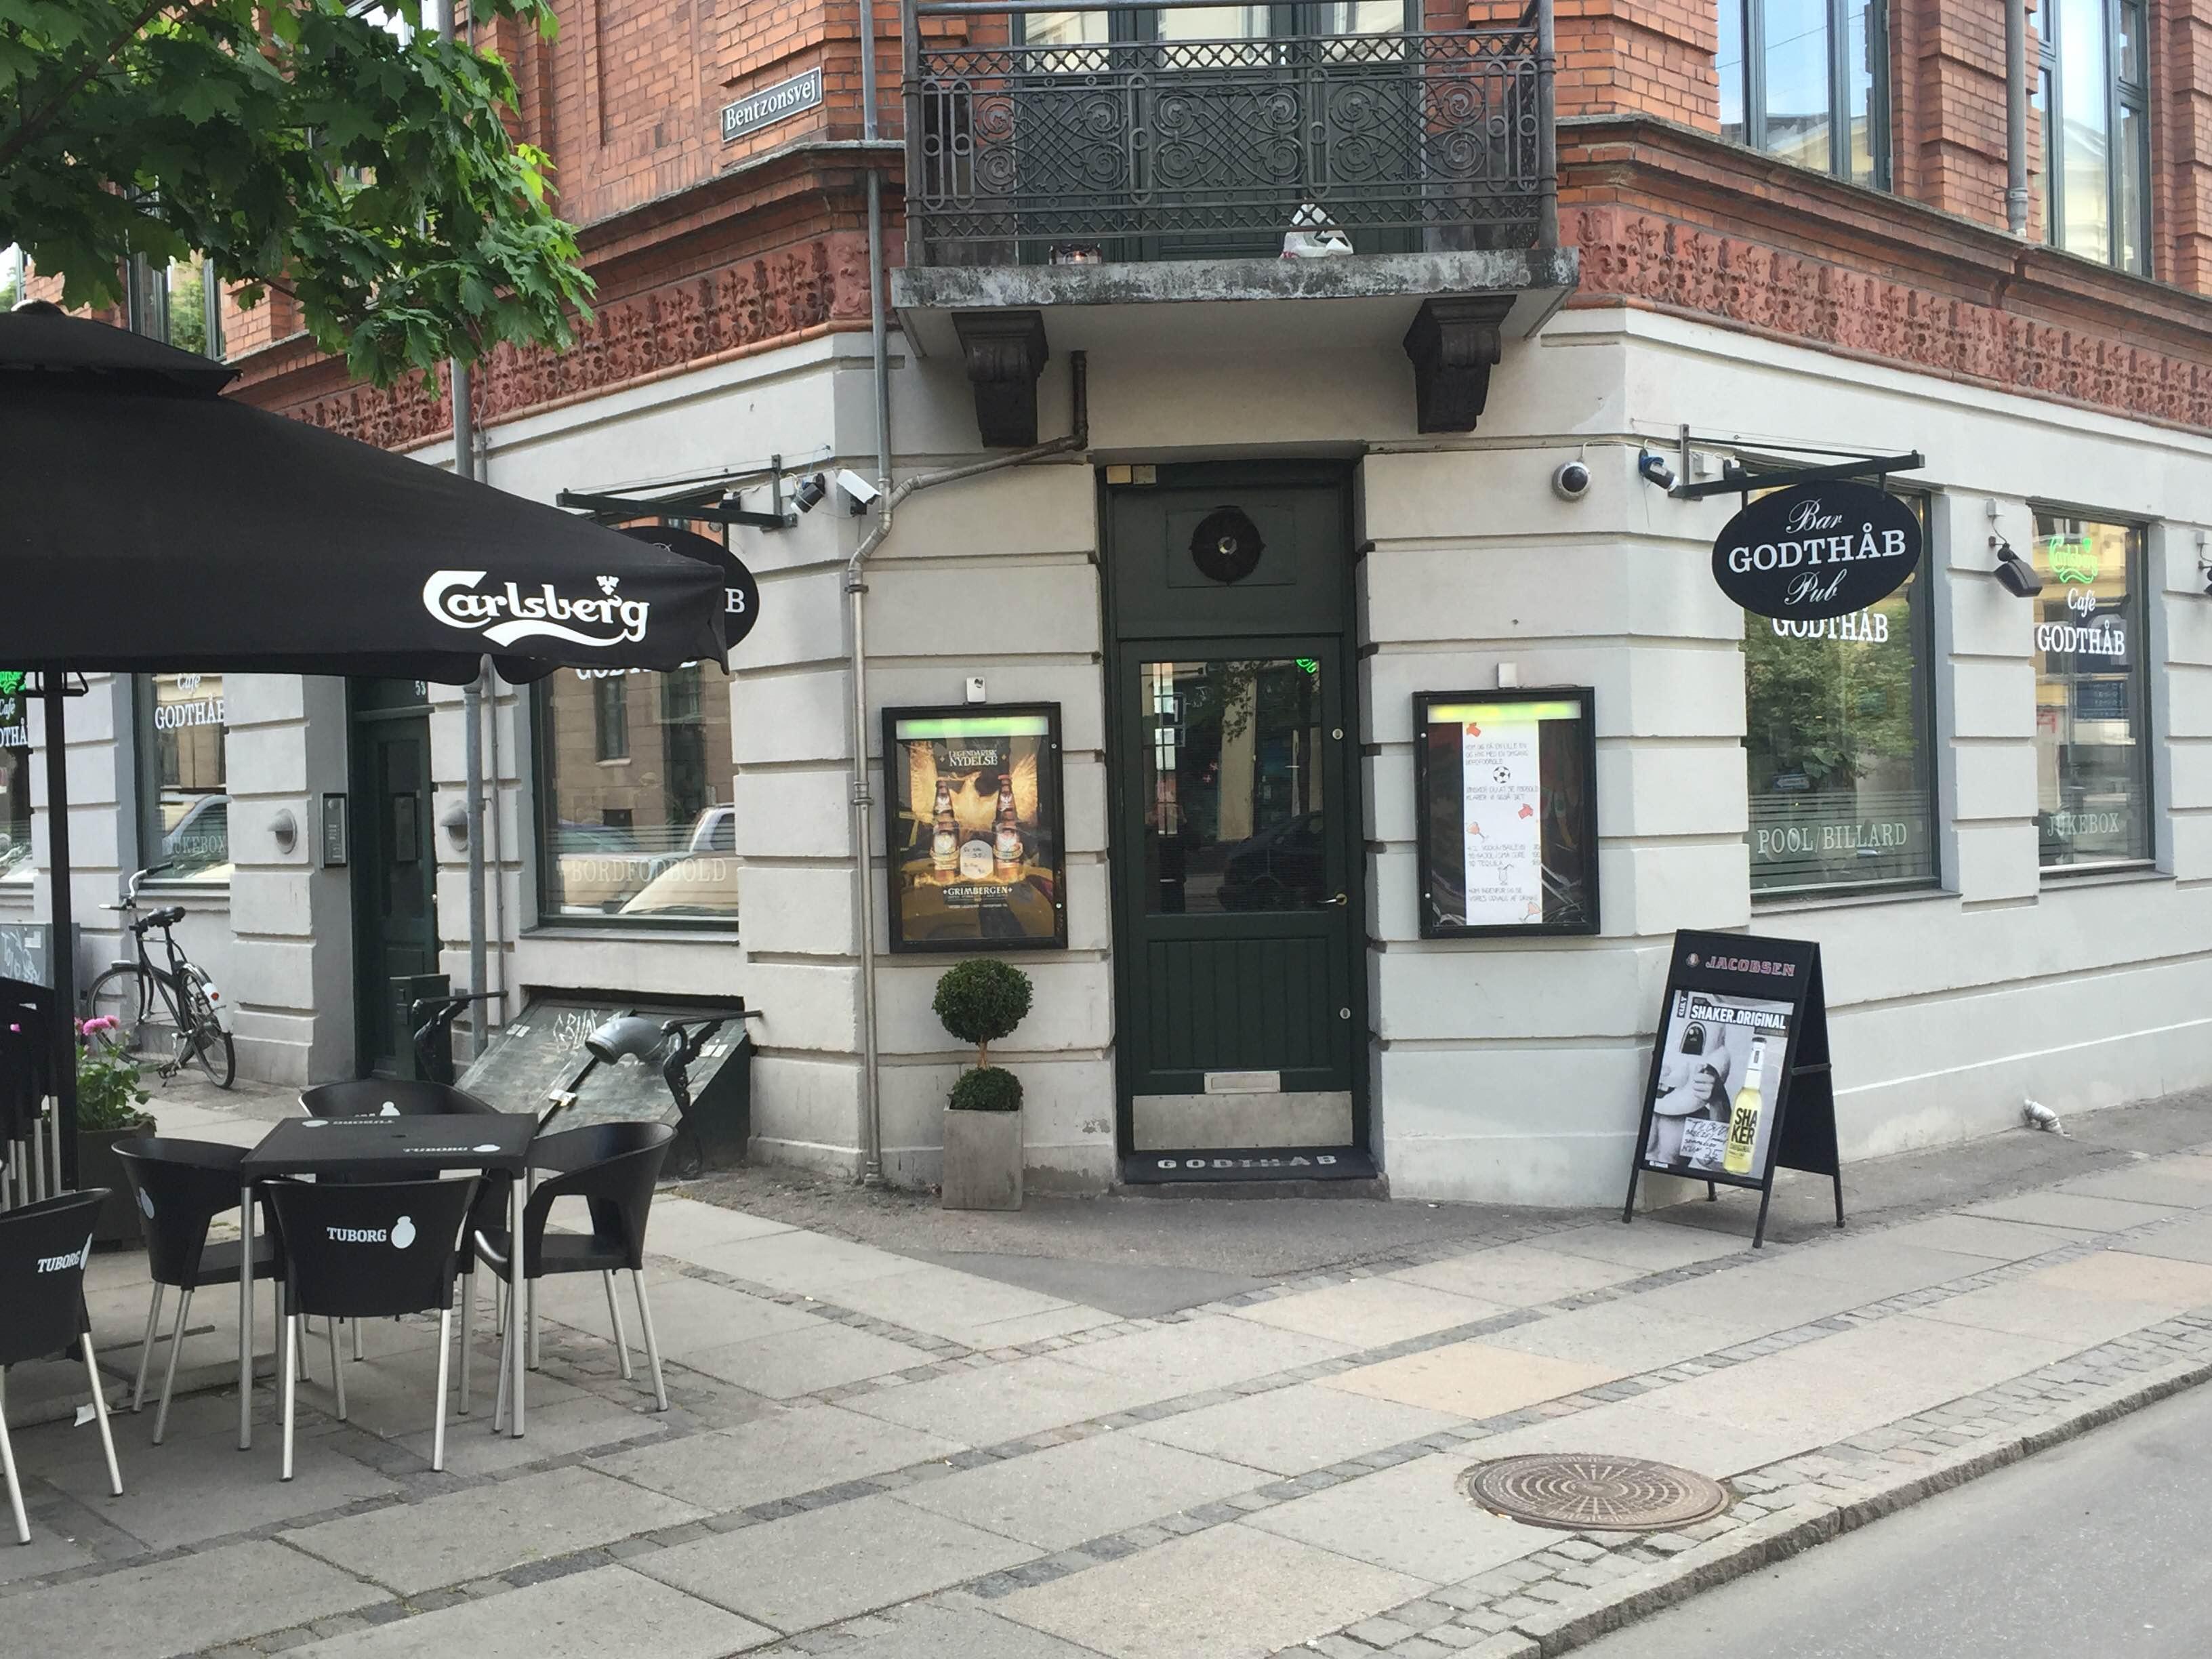 Cafe Godthåb - Godthåbsvej frederiksberg